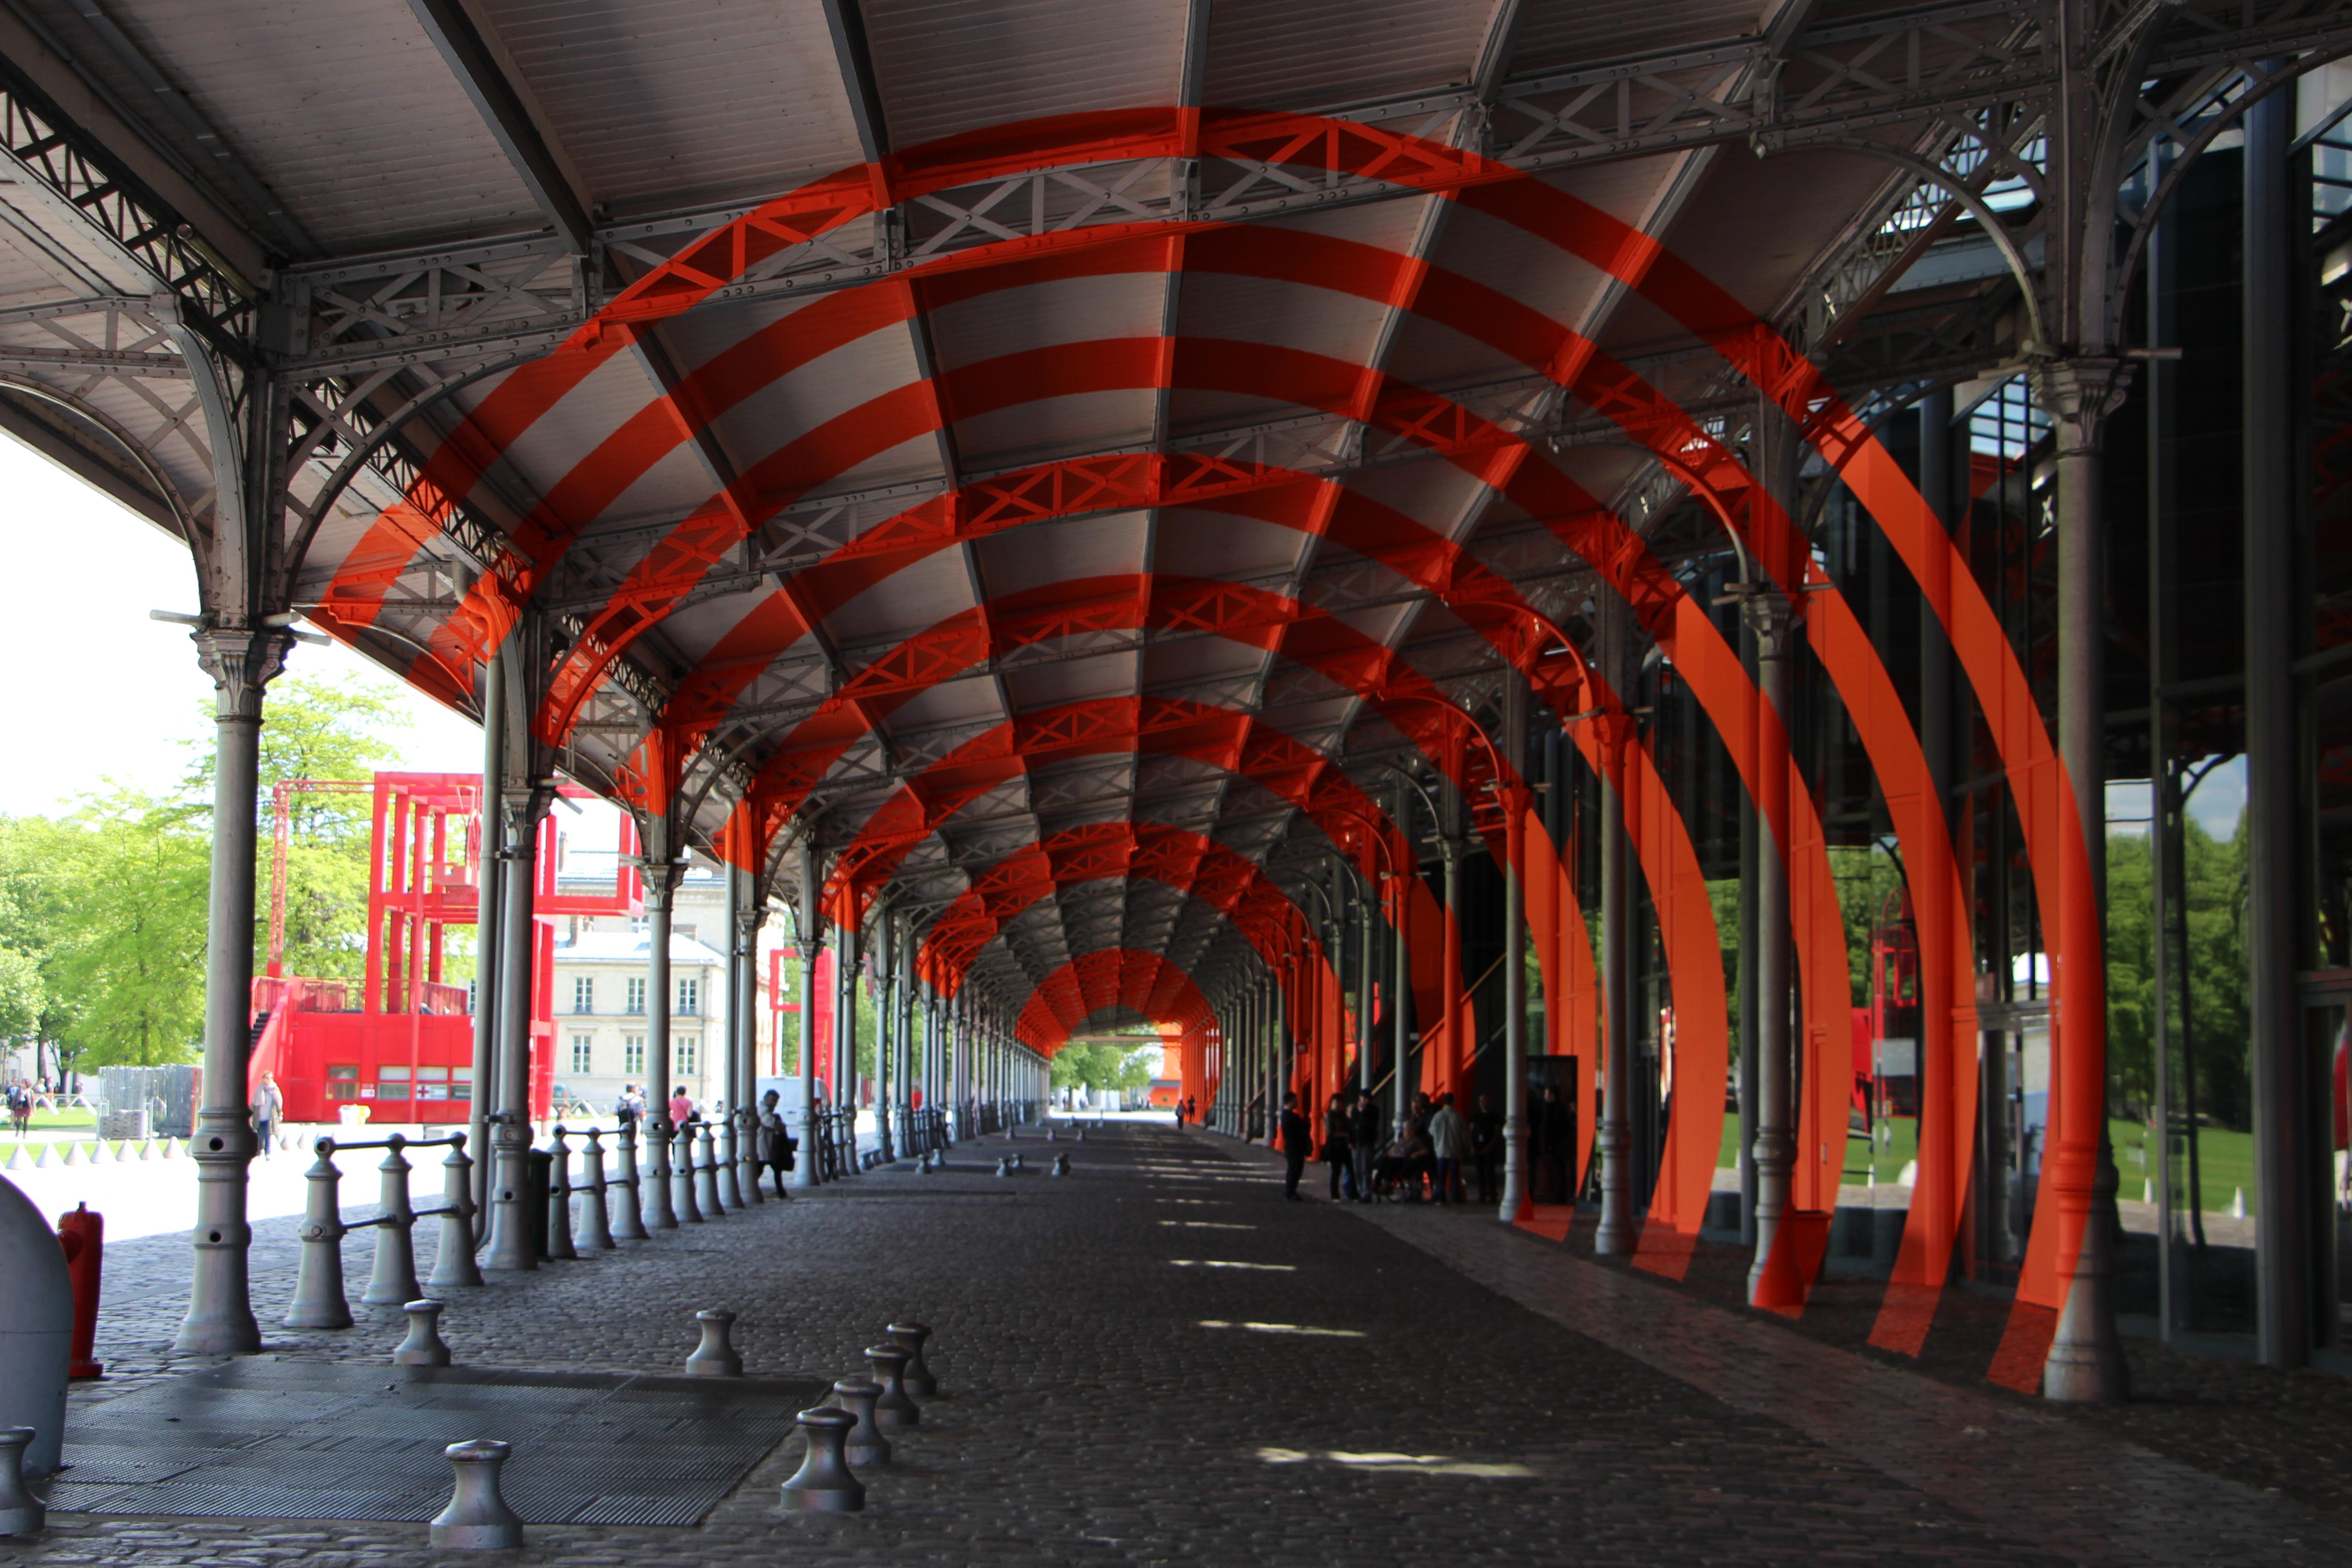 Galerie Est de La Grande halle de la Villette, Arcs de cercle sur diagonale, jusqu'au 13 septembre 2015